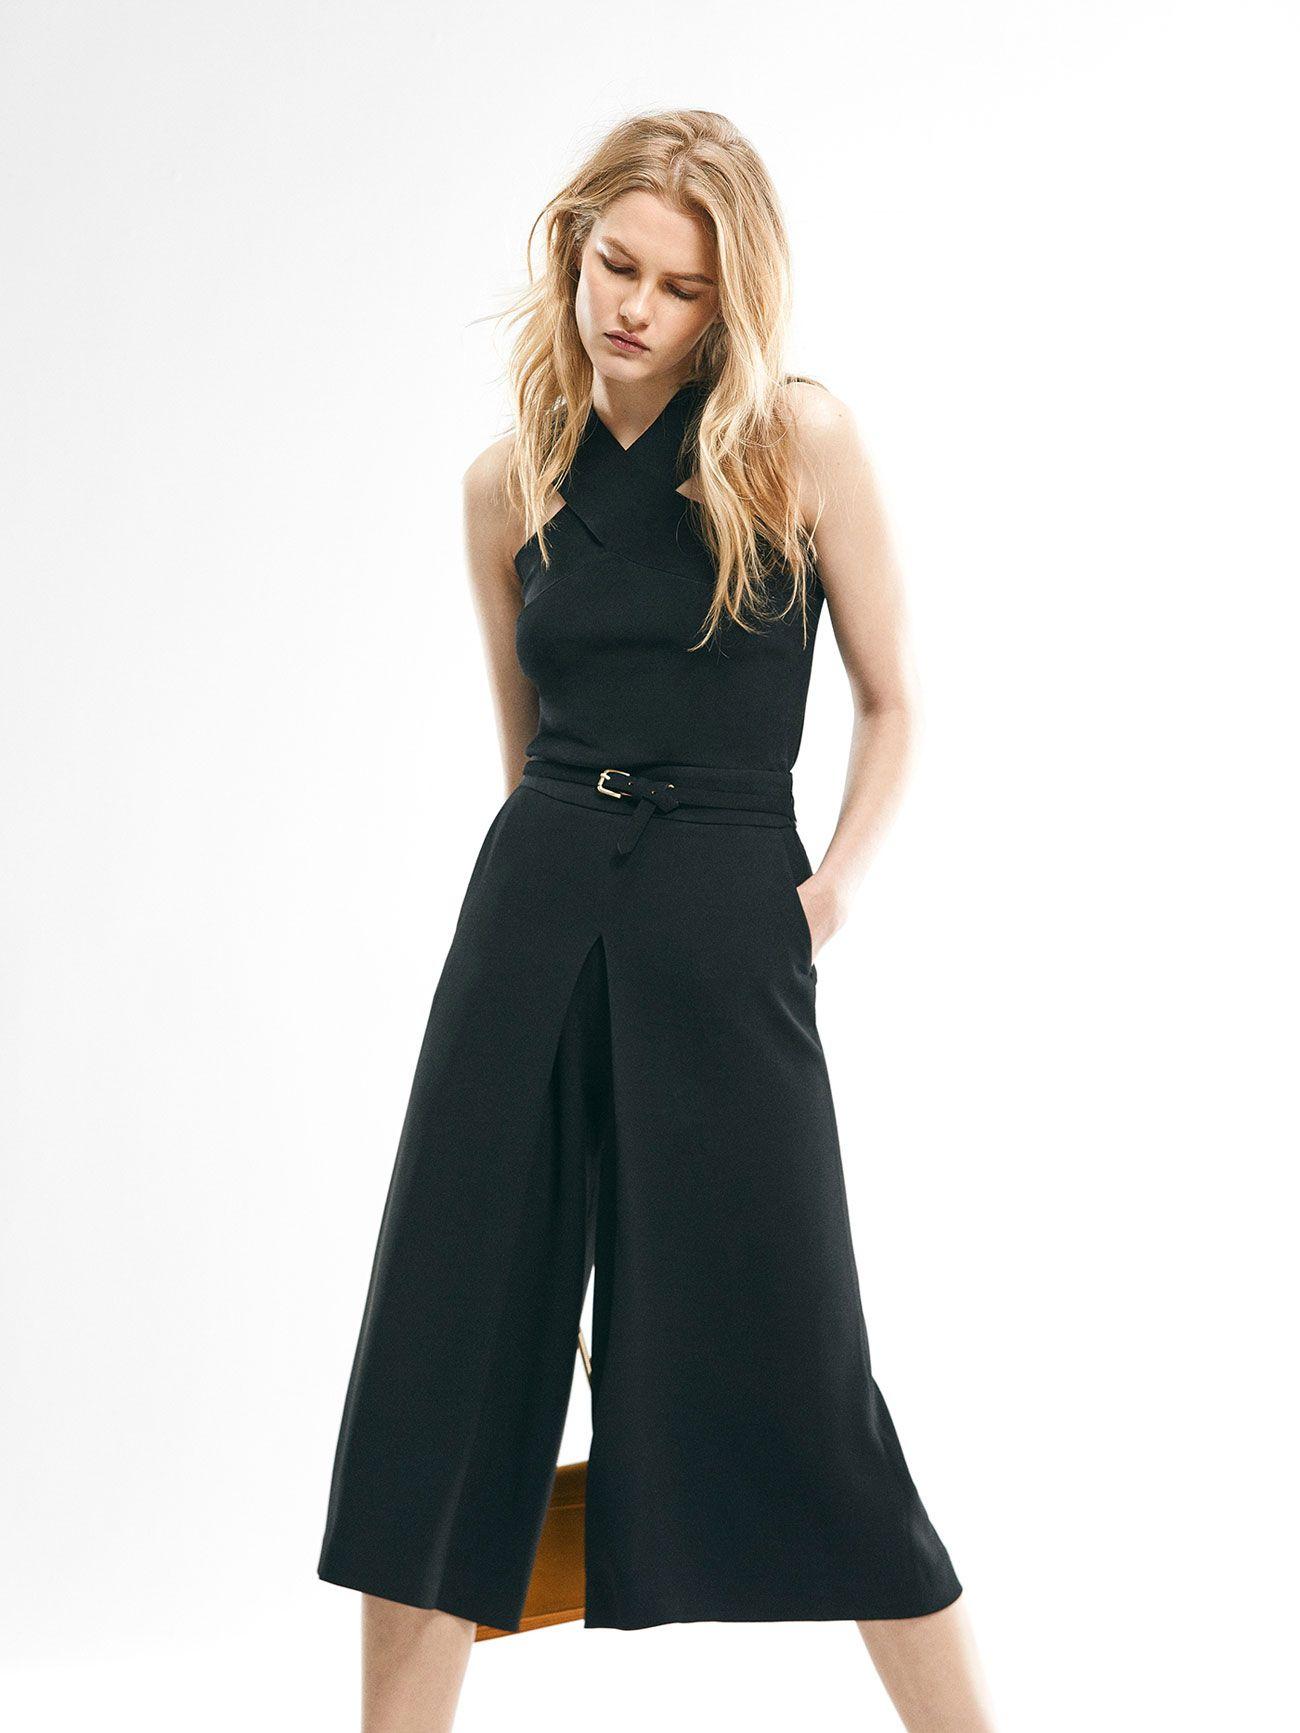 Neue Schnittmuster für auffällige Looks. Schwarzer Hosenrock aus ...